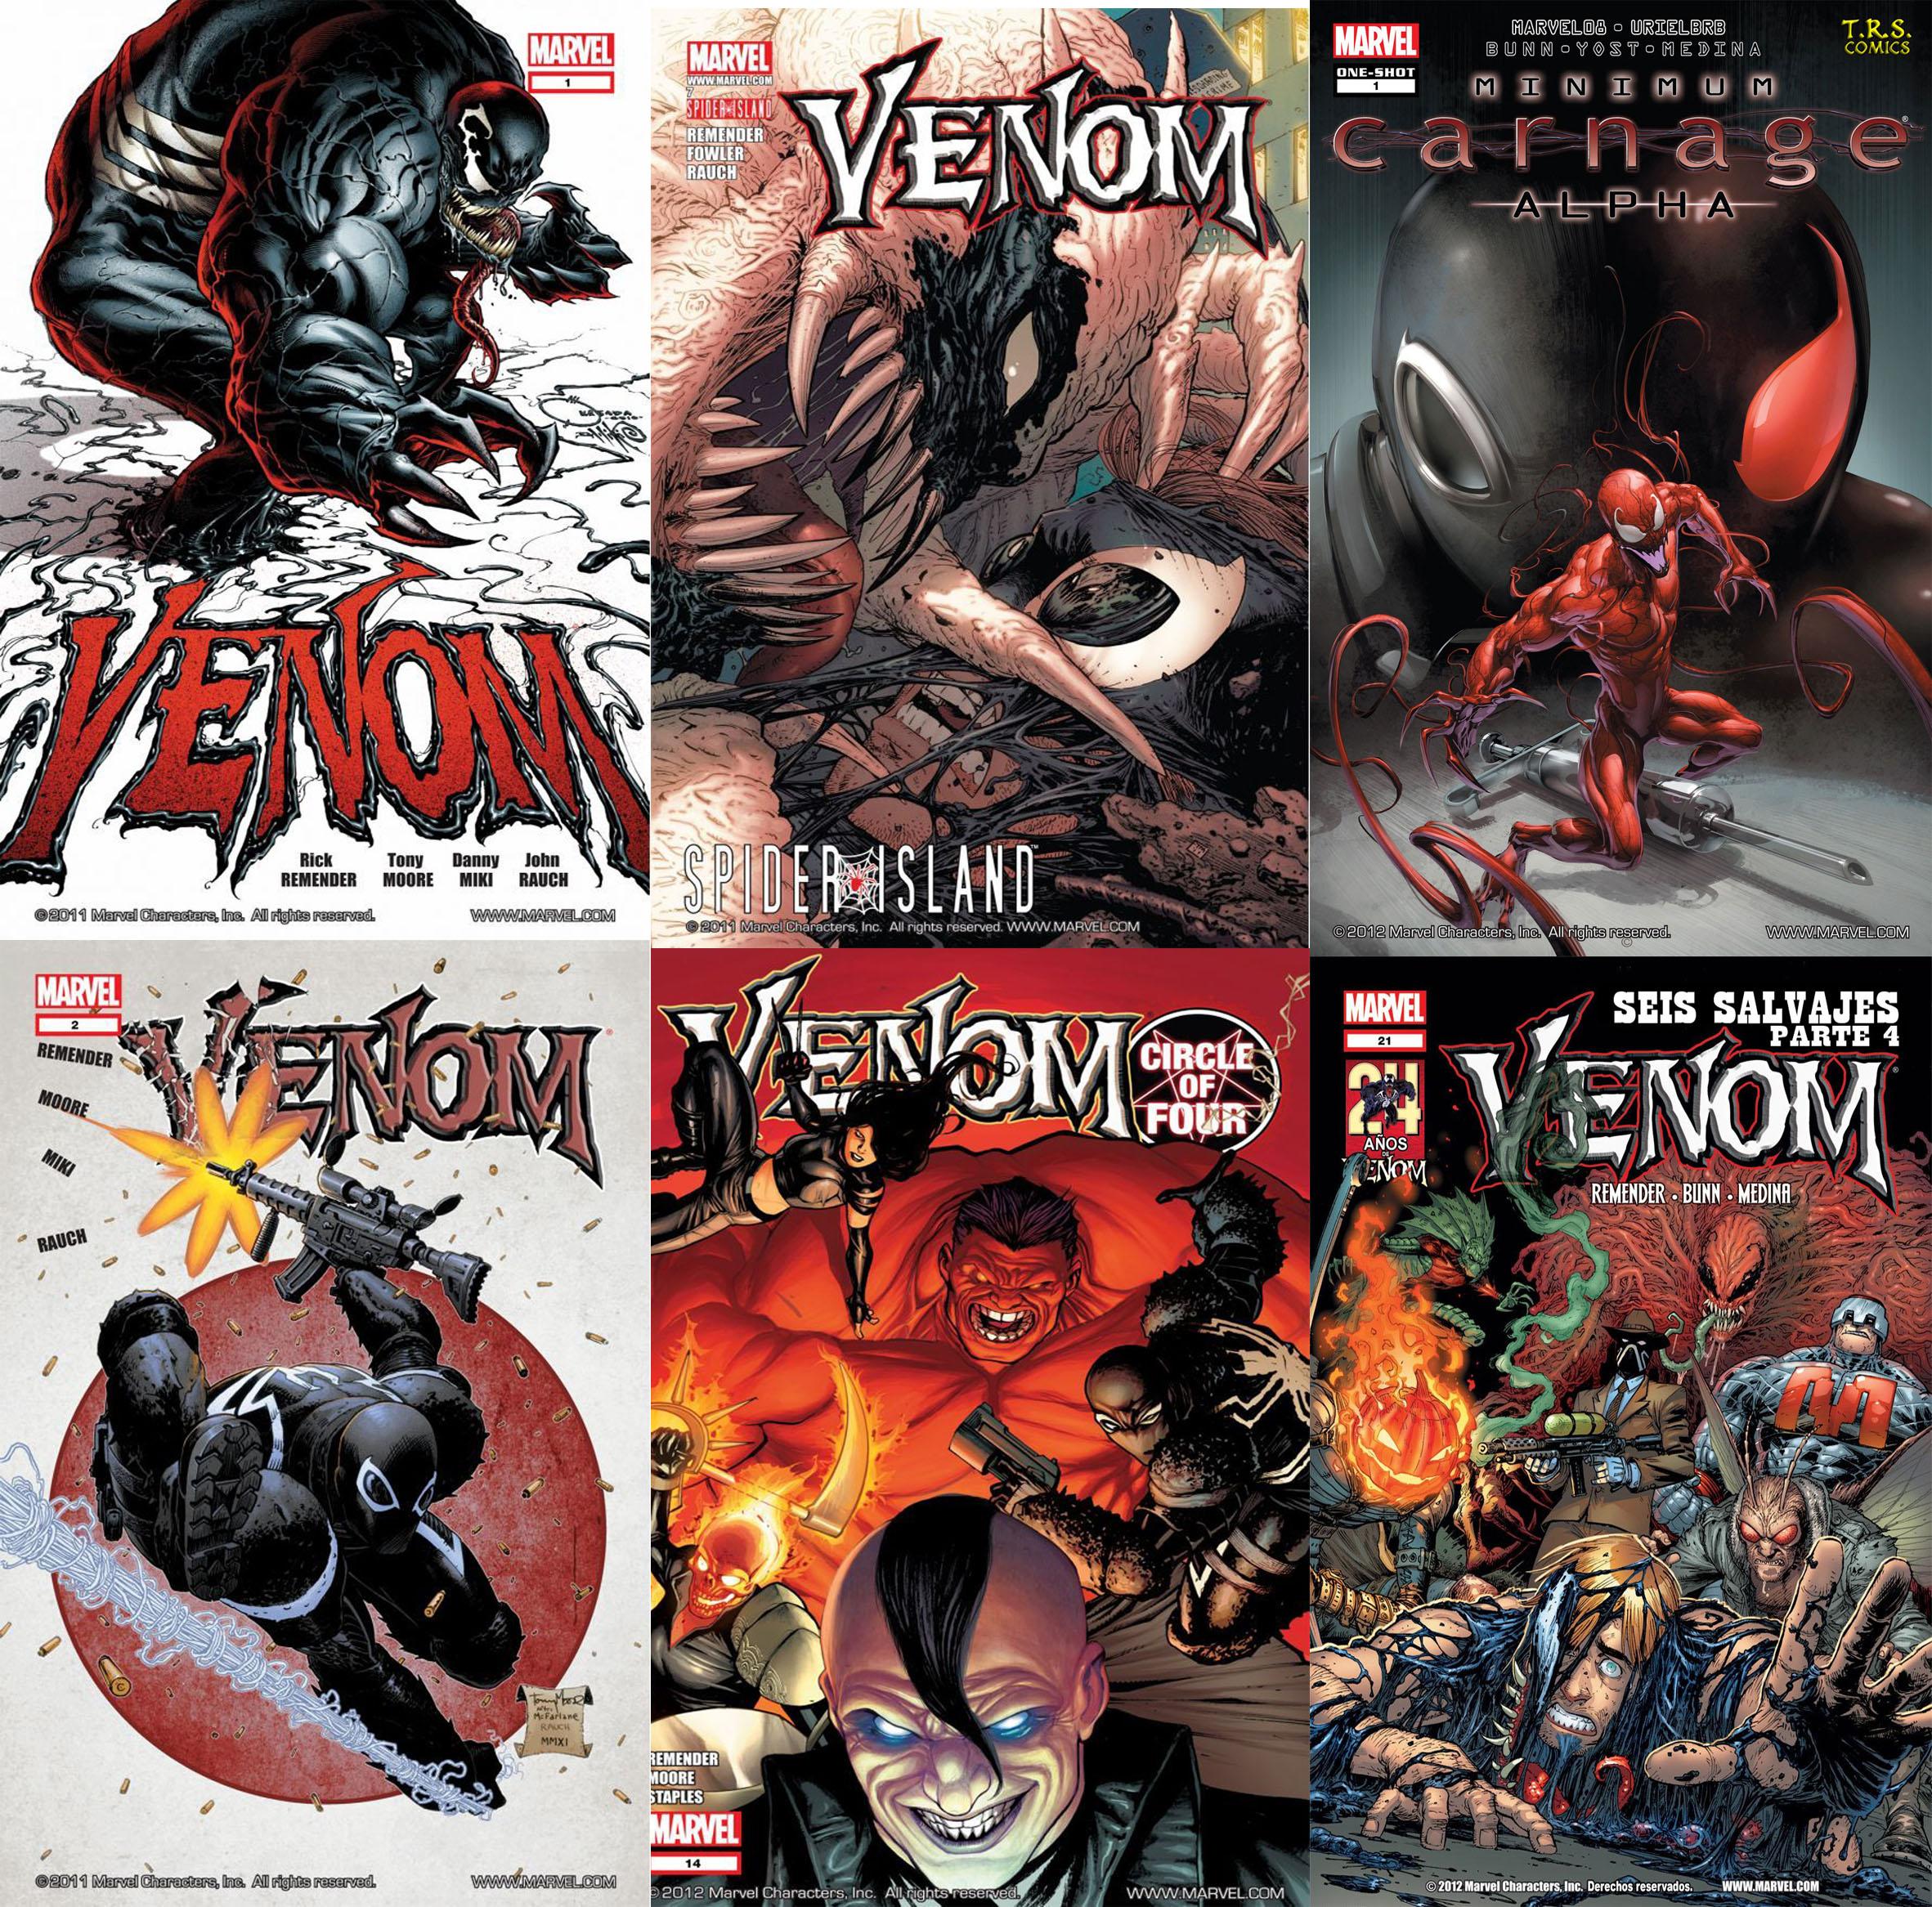 Venom vol 2 42 de 42 (2011 2013) | COMIC DECO